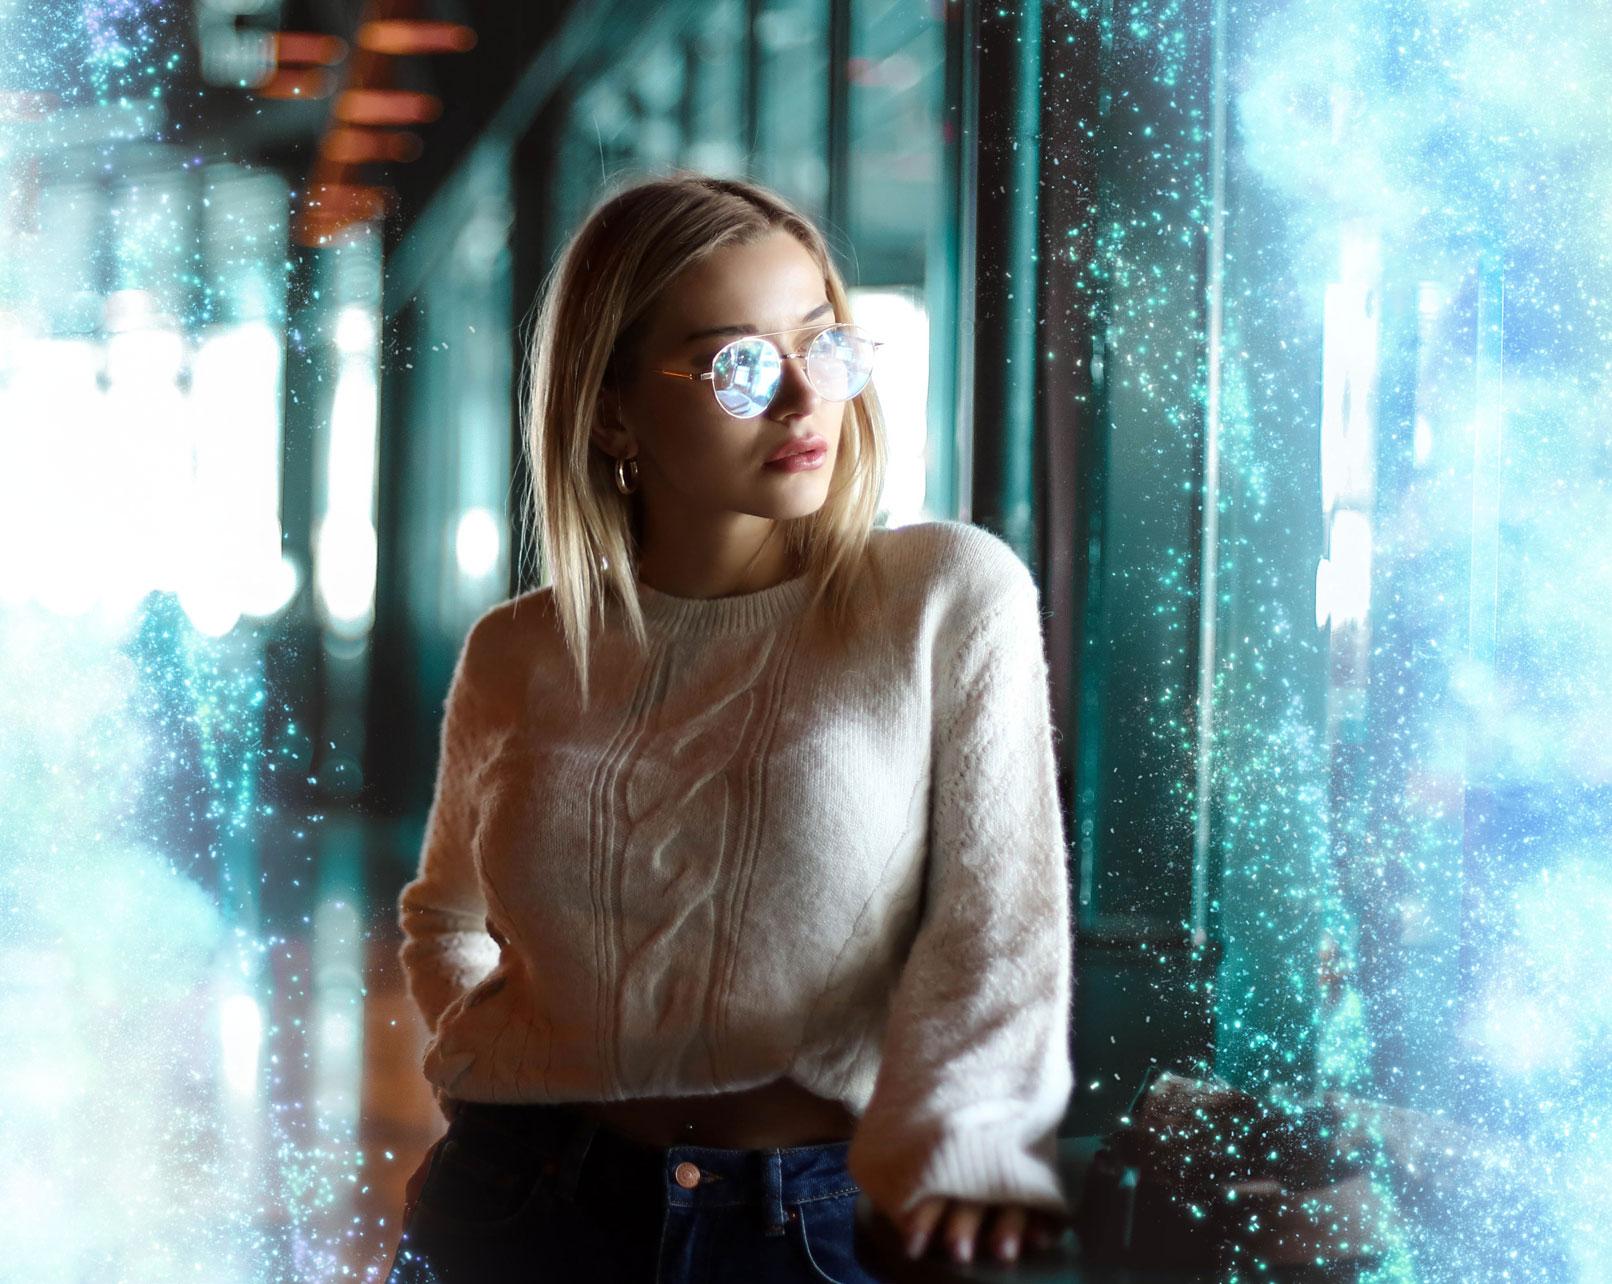 Einsatz der Light-Overlays in einem Porträt